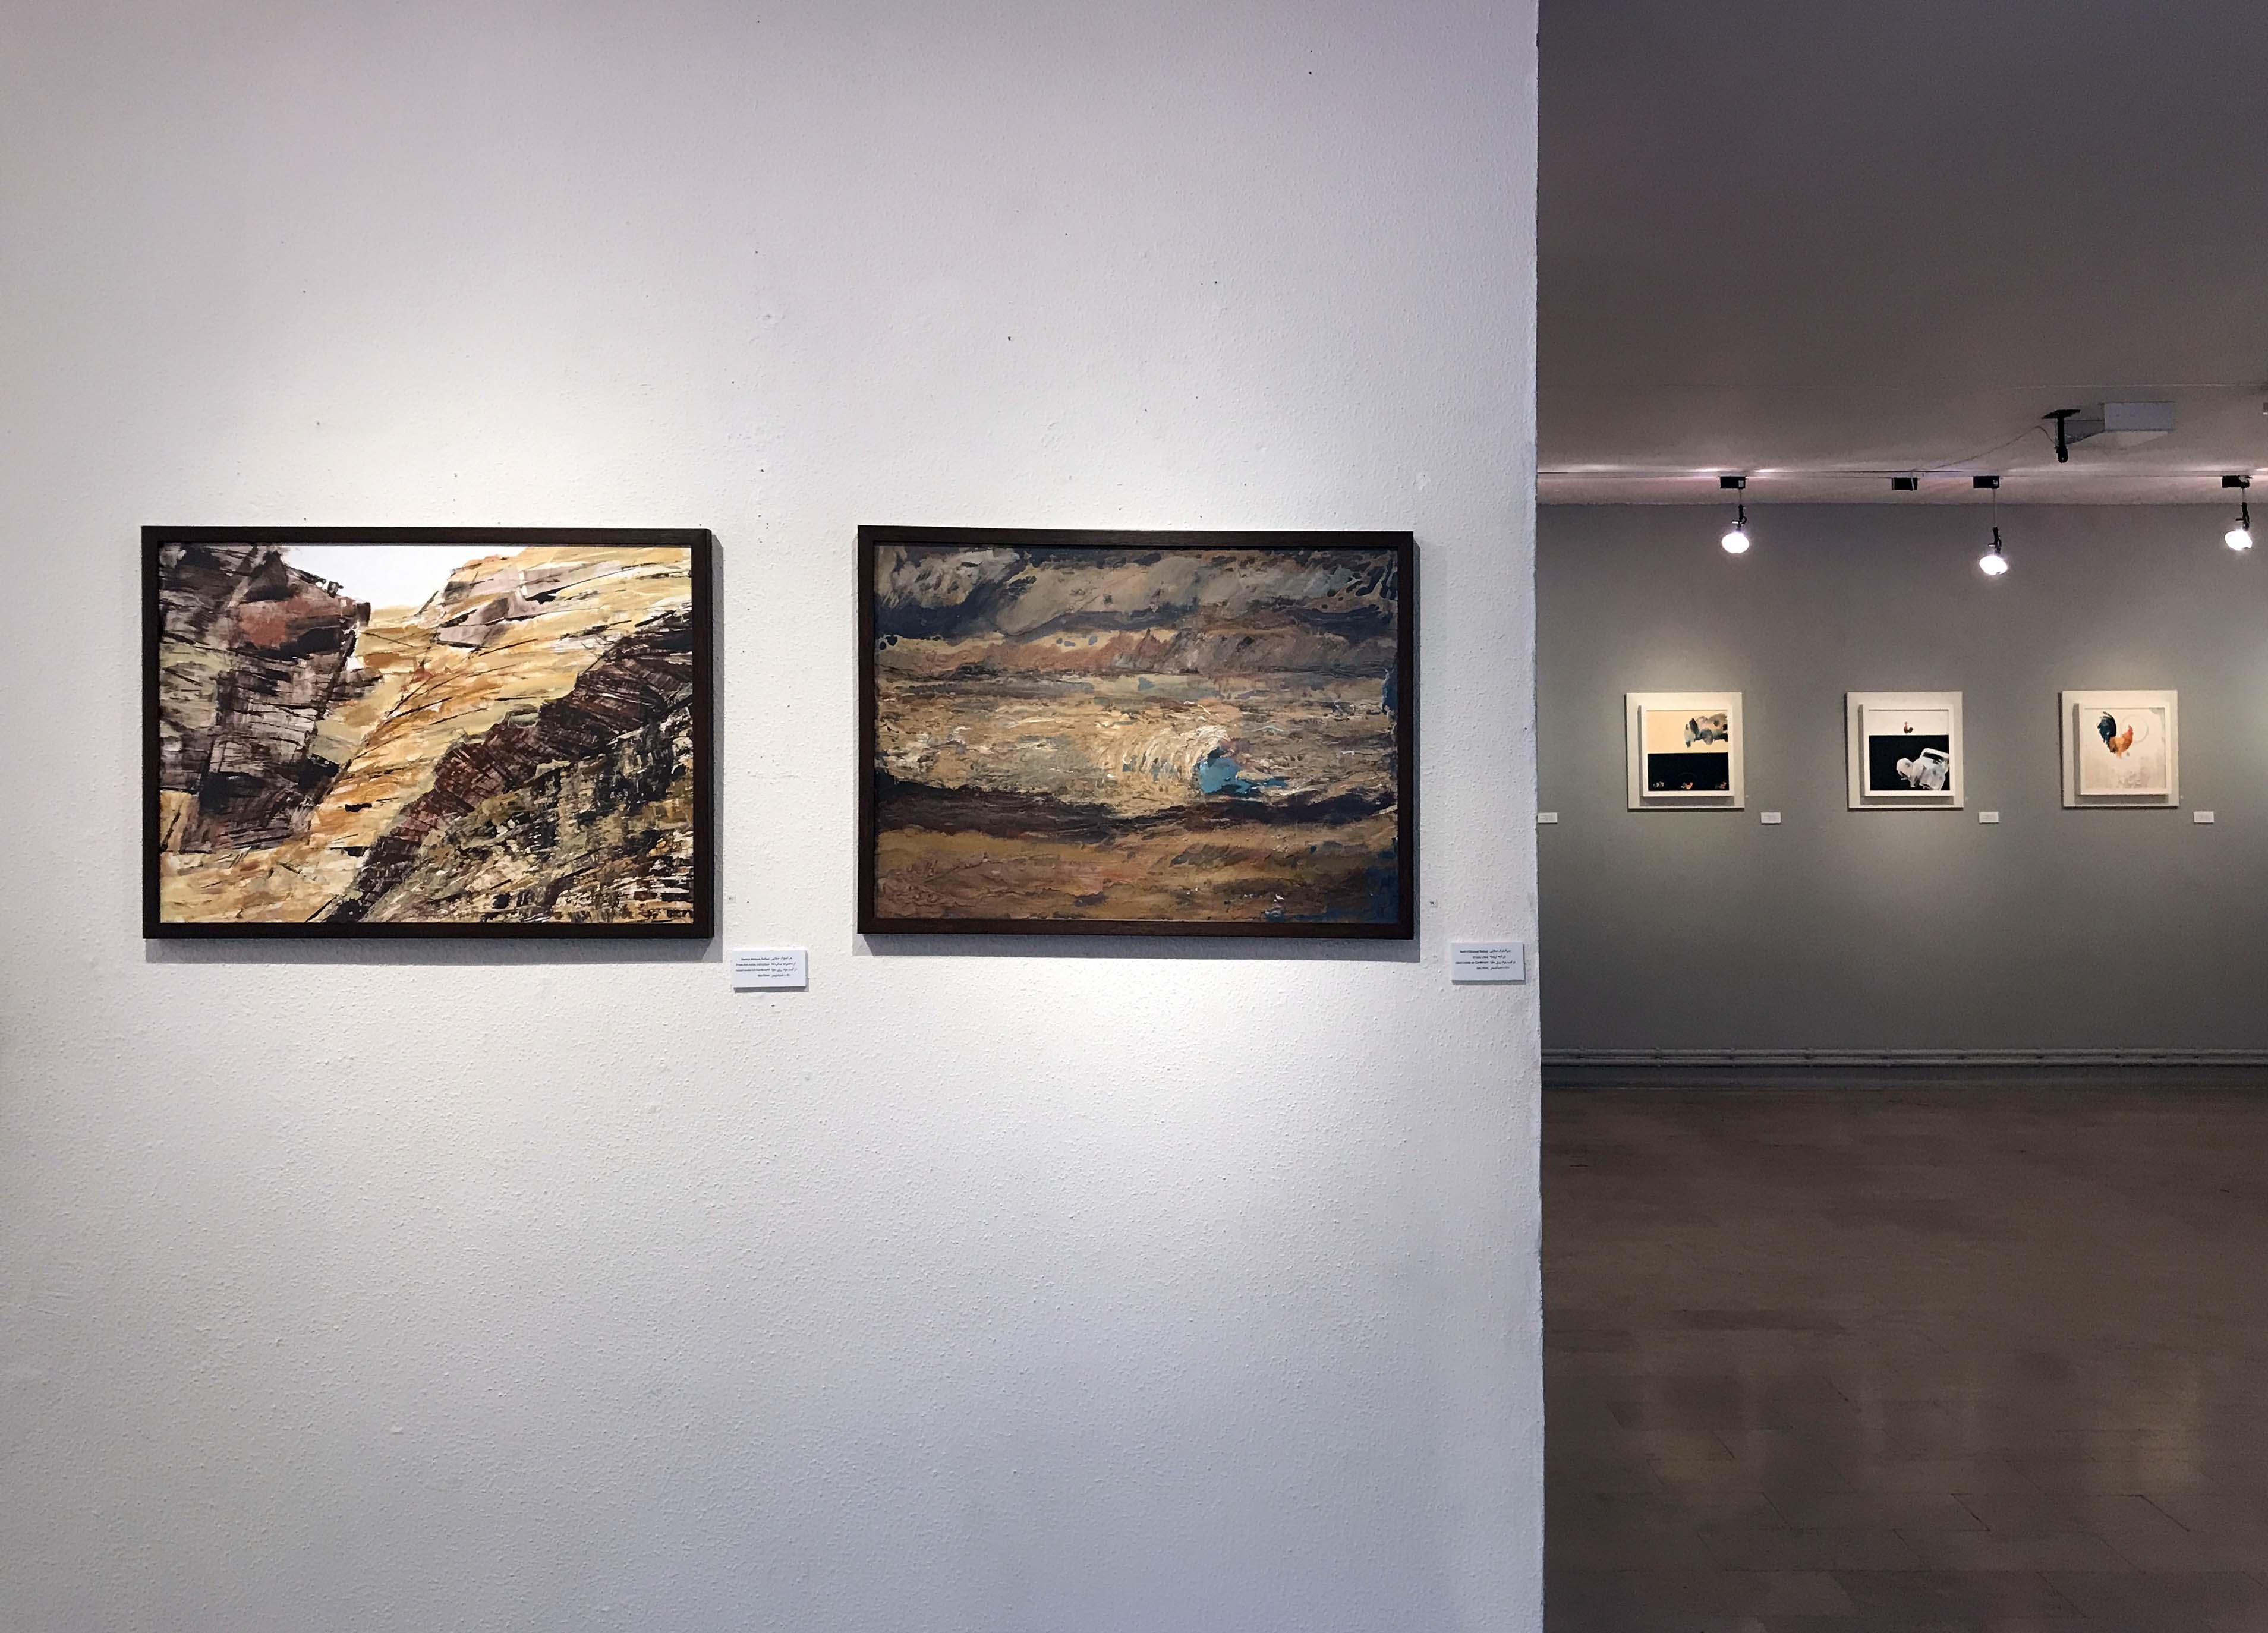 """گزارش تصویری نمایشگاه گروهی """"طبیعت از 9 نگاه"""" در گالری لاله"""